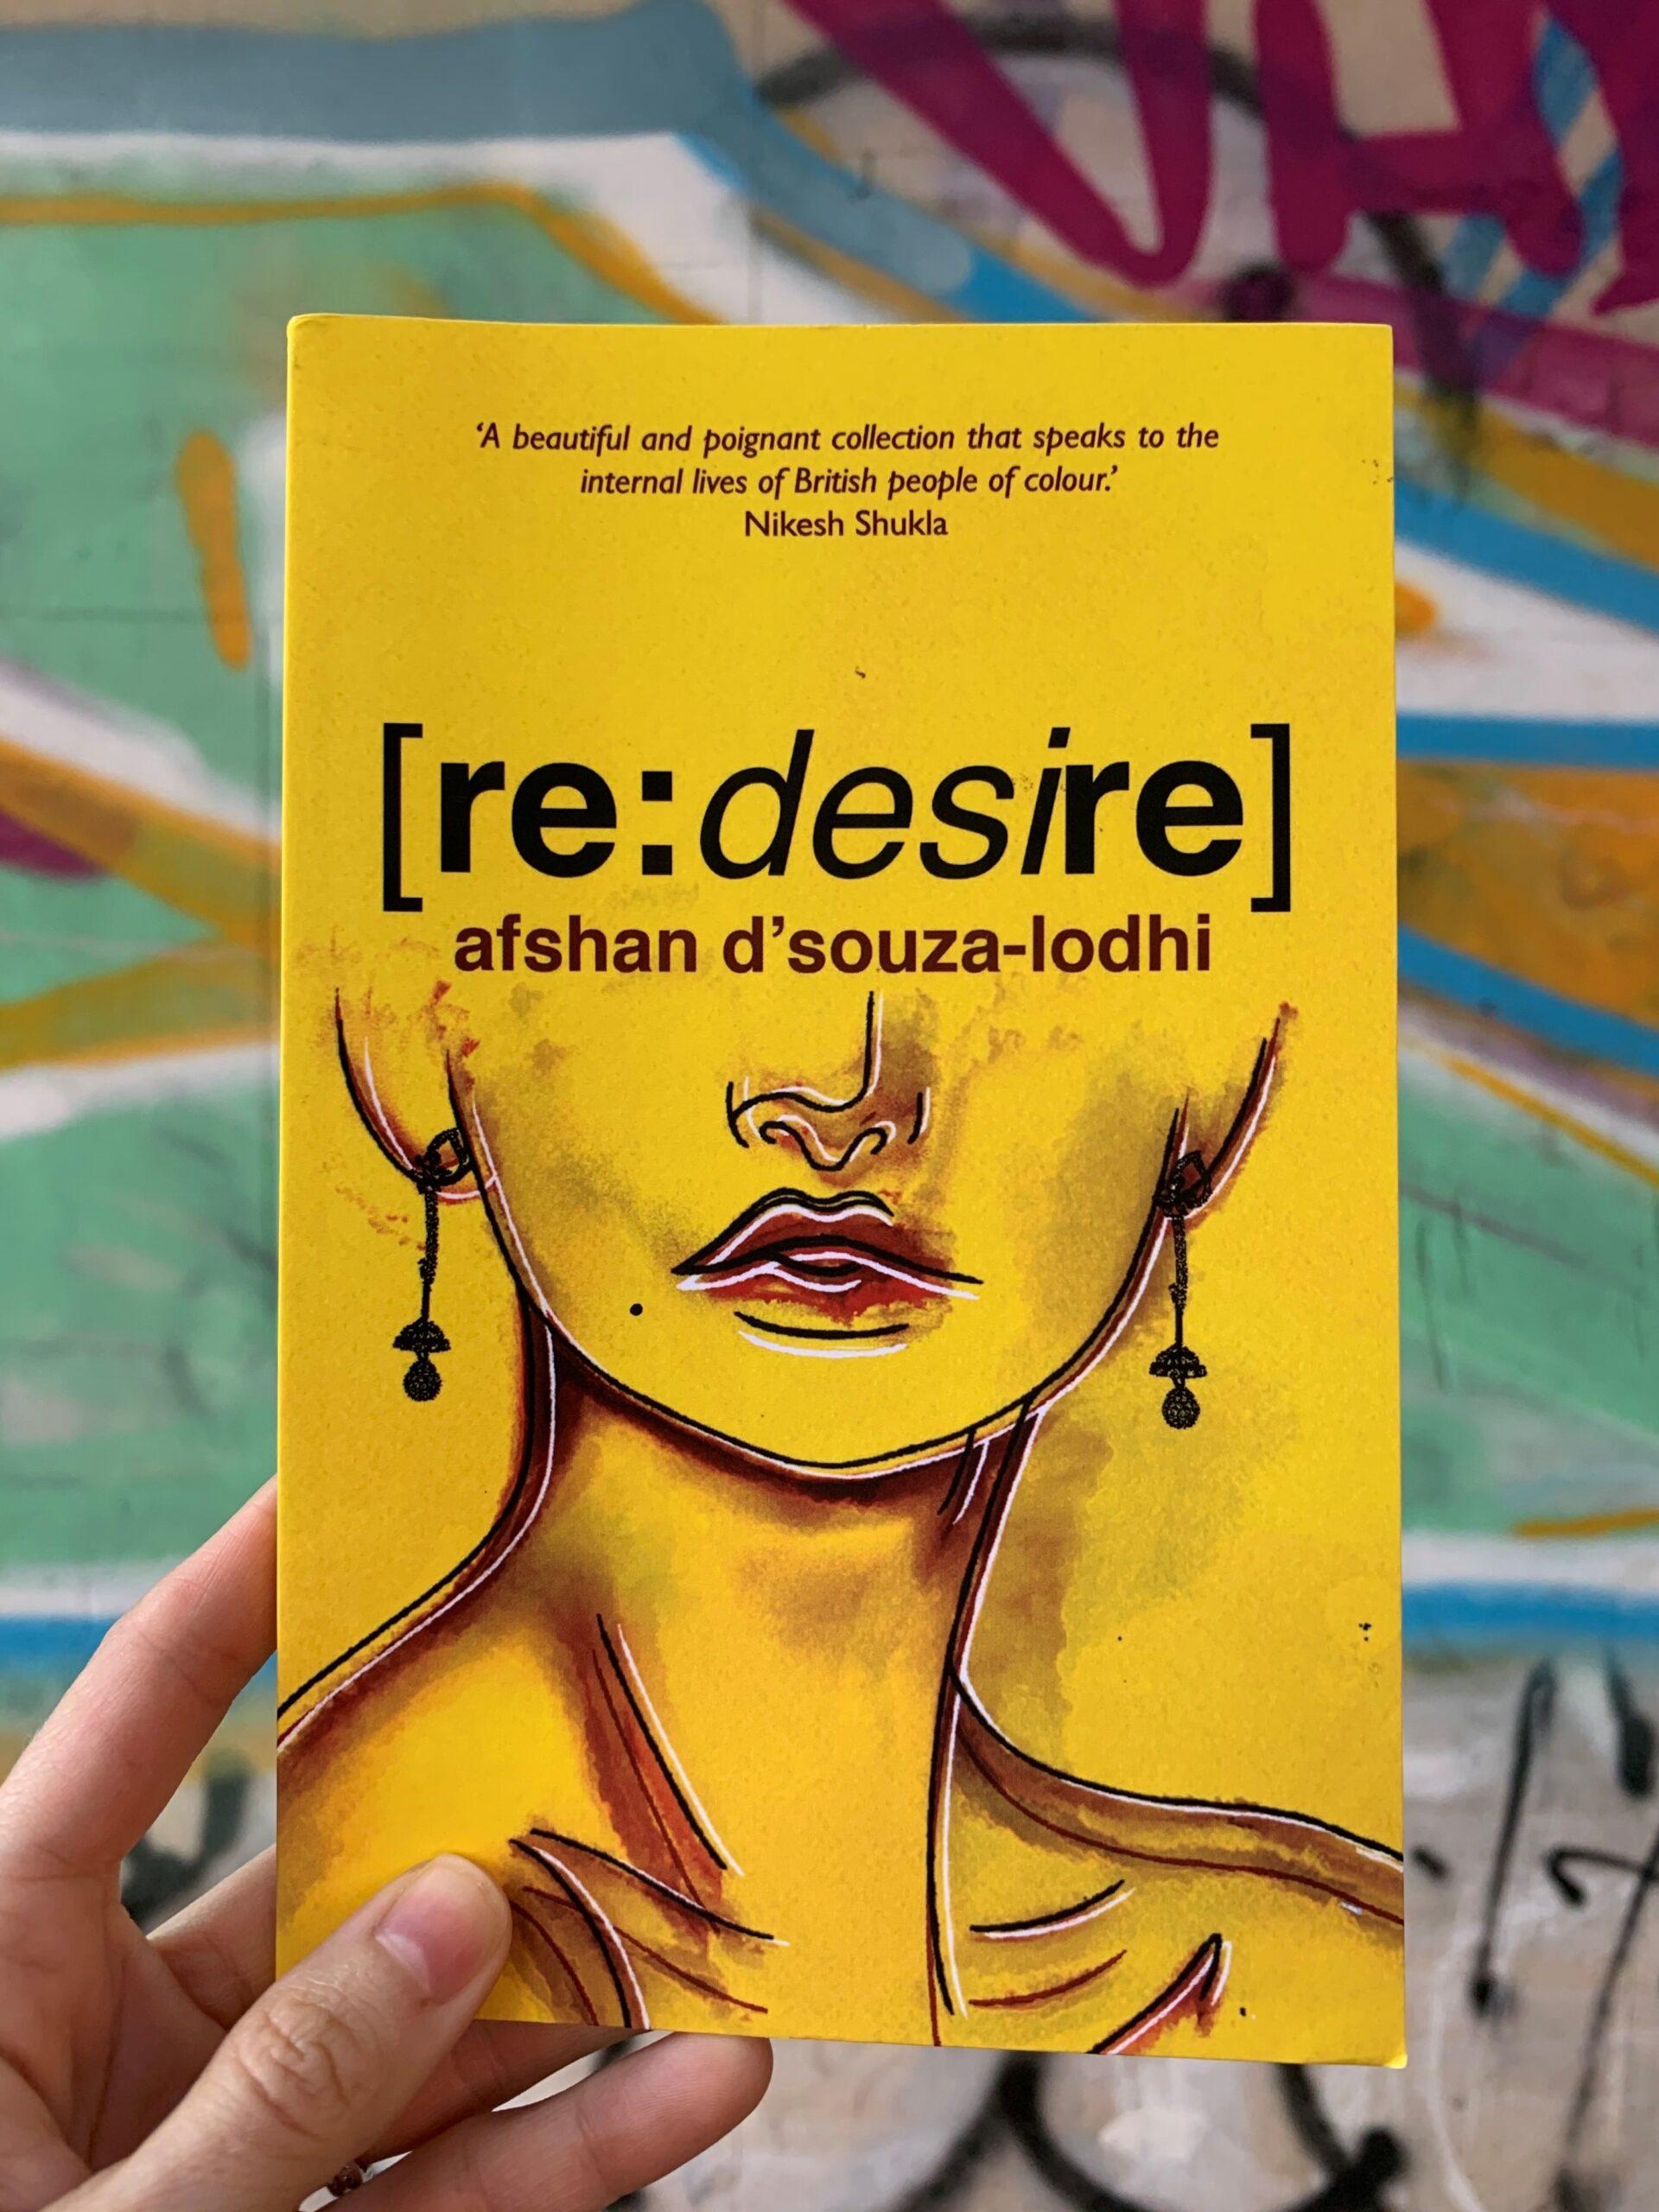 [re: desire]